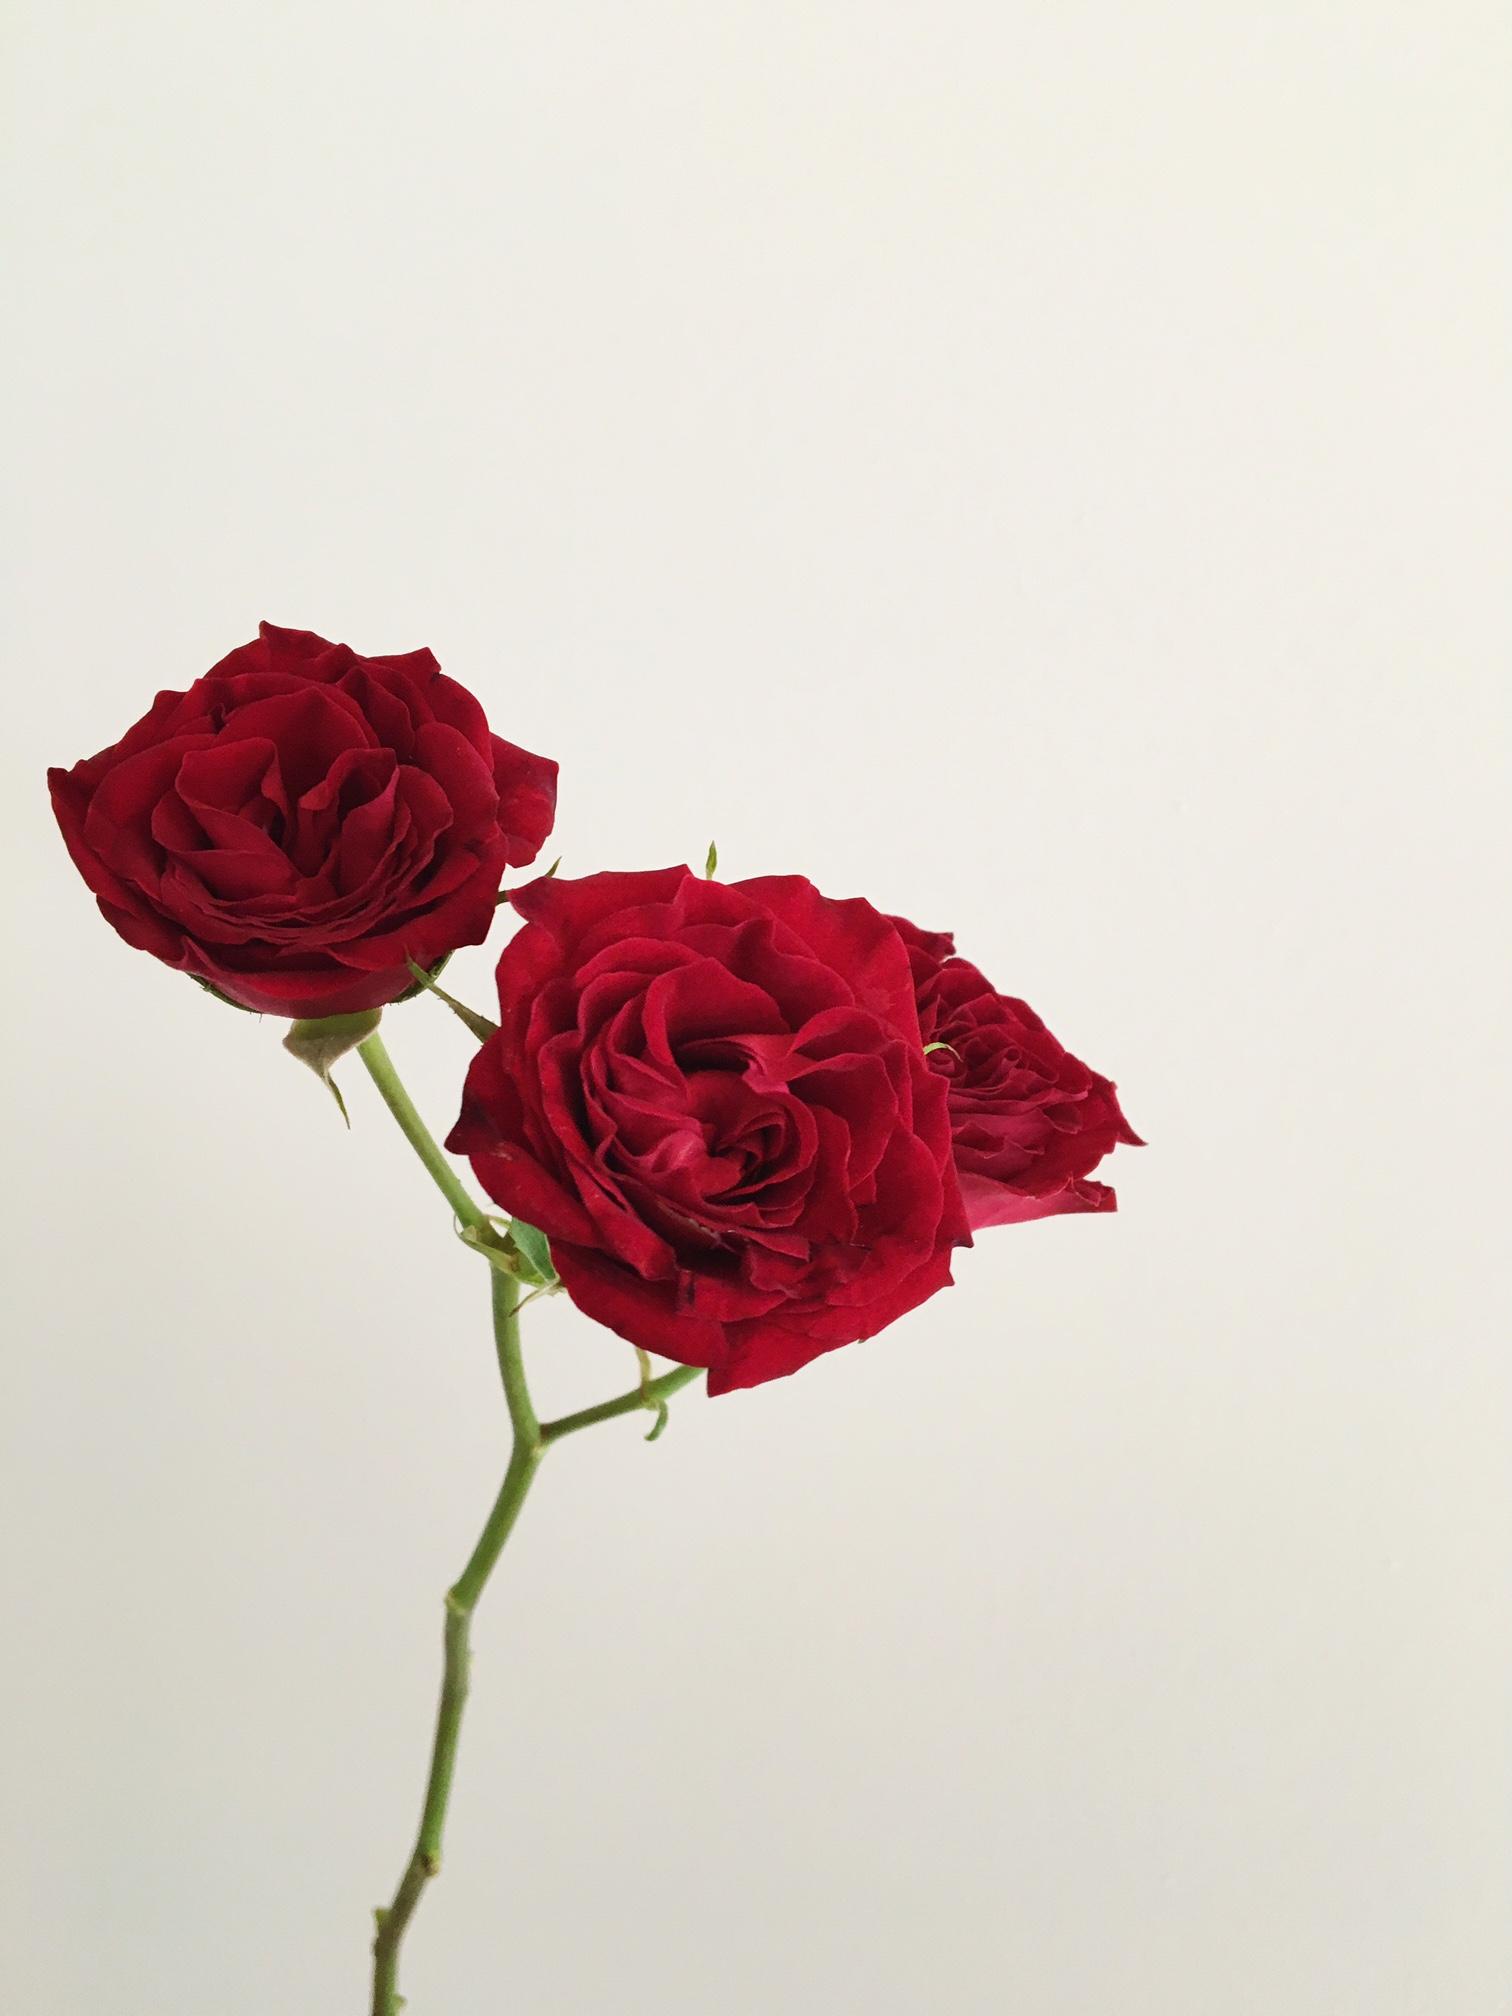 RED SPRAY ROSE